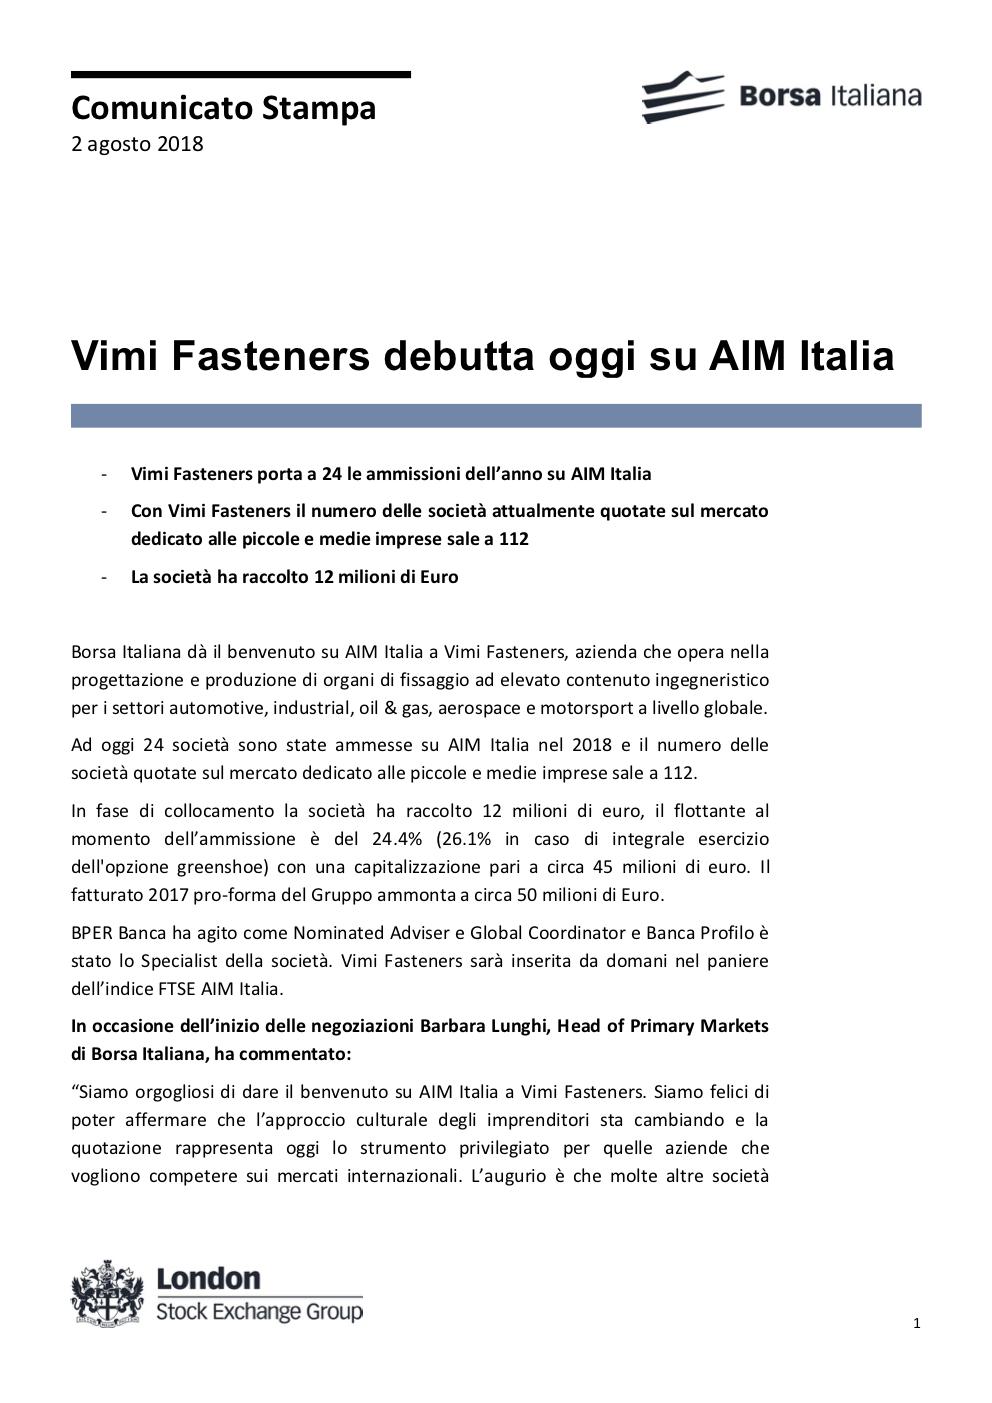 vimi-fasteners